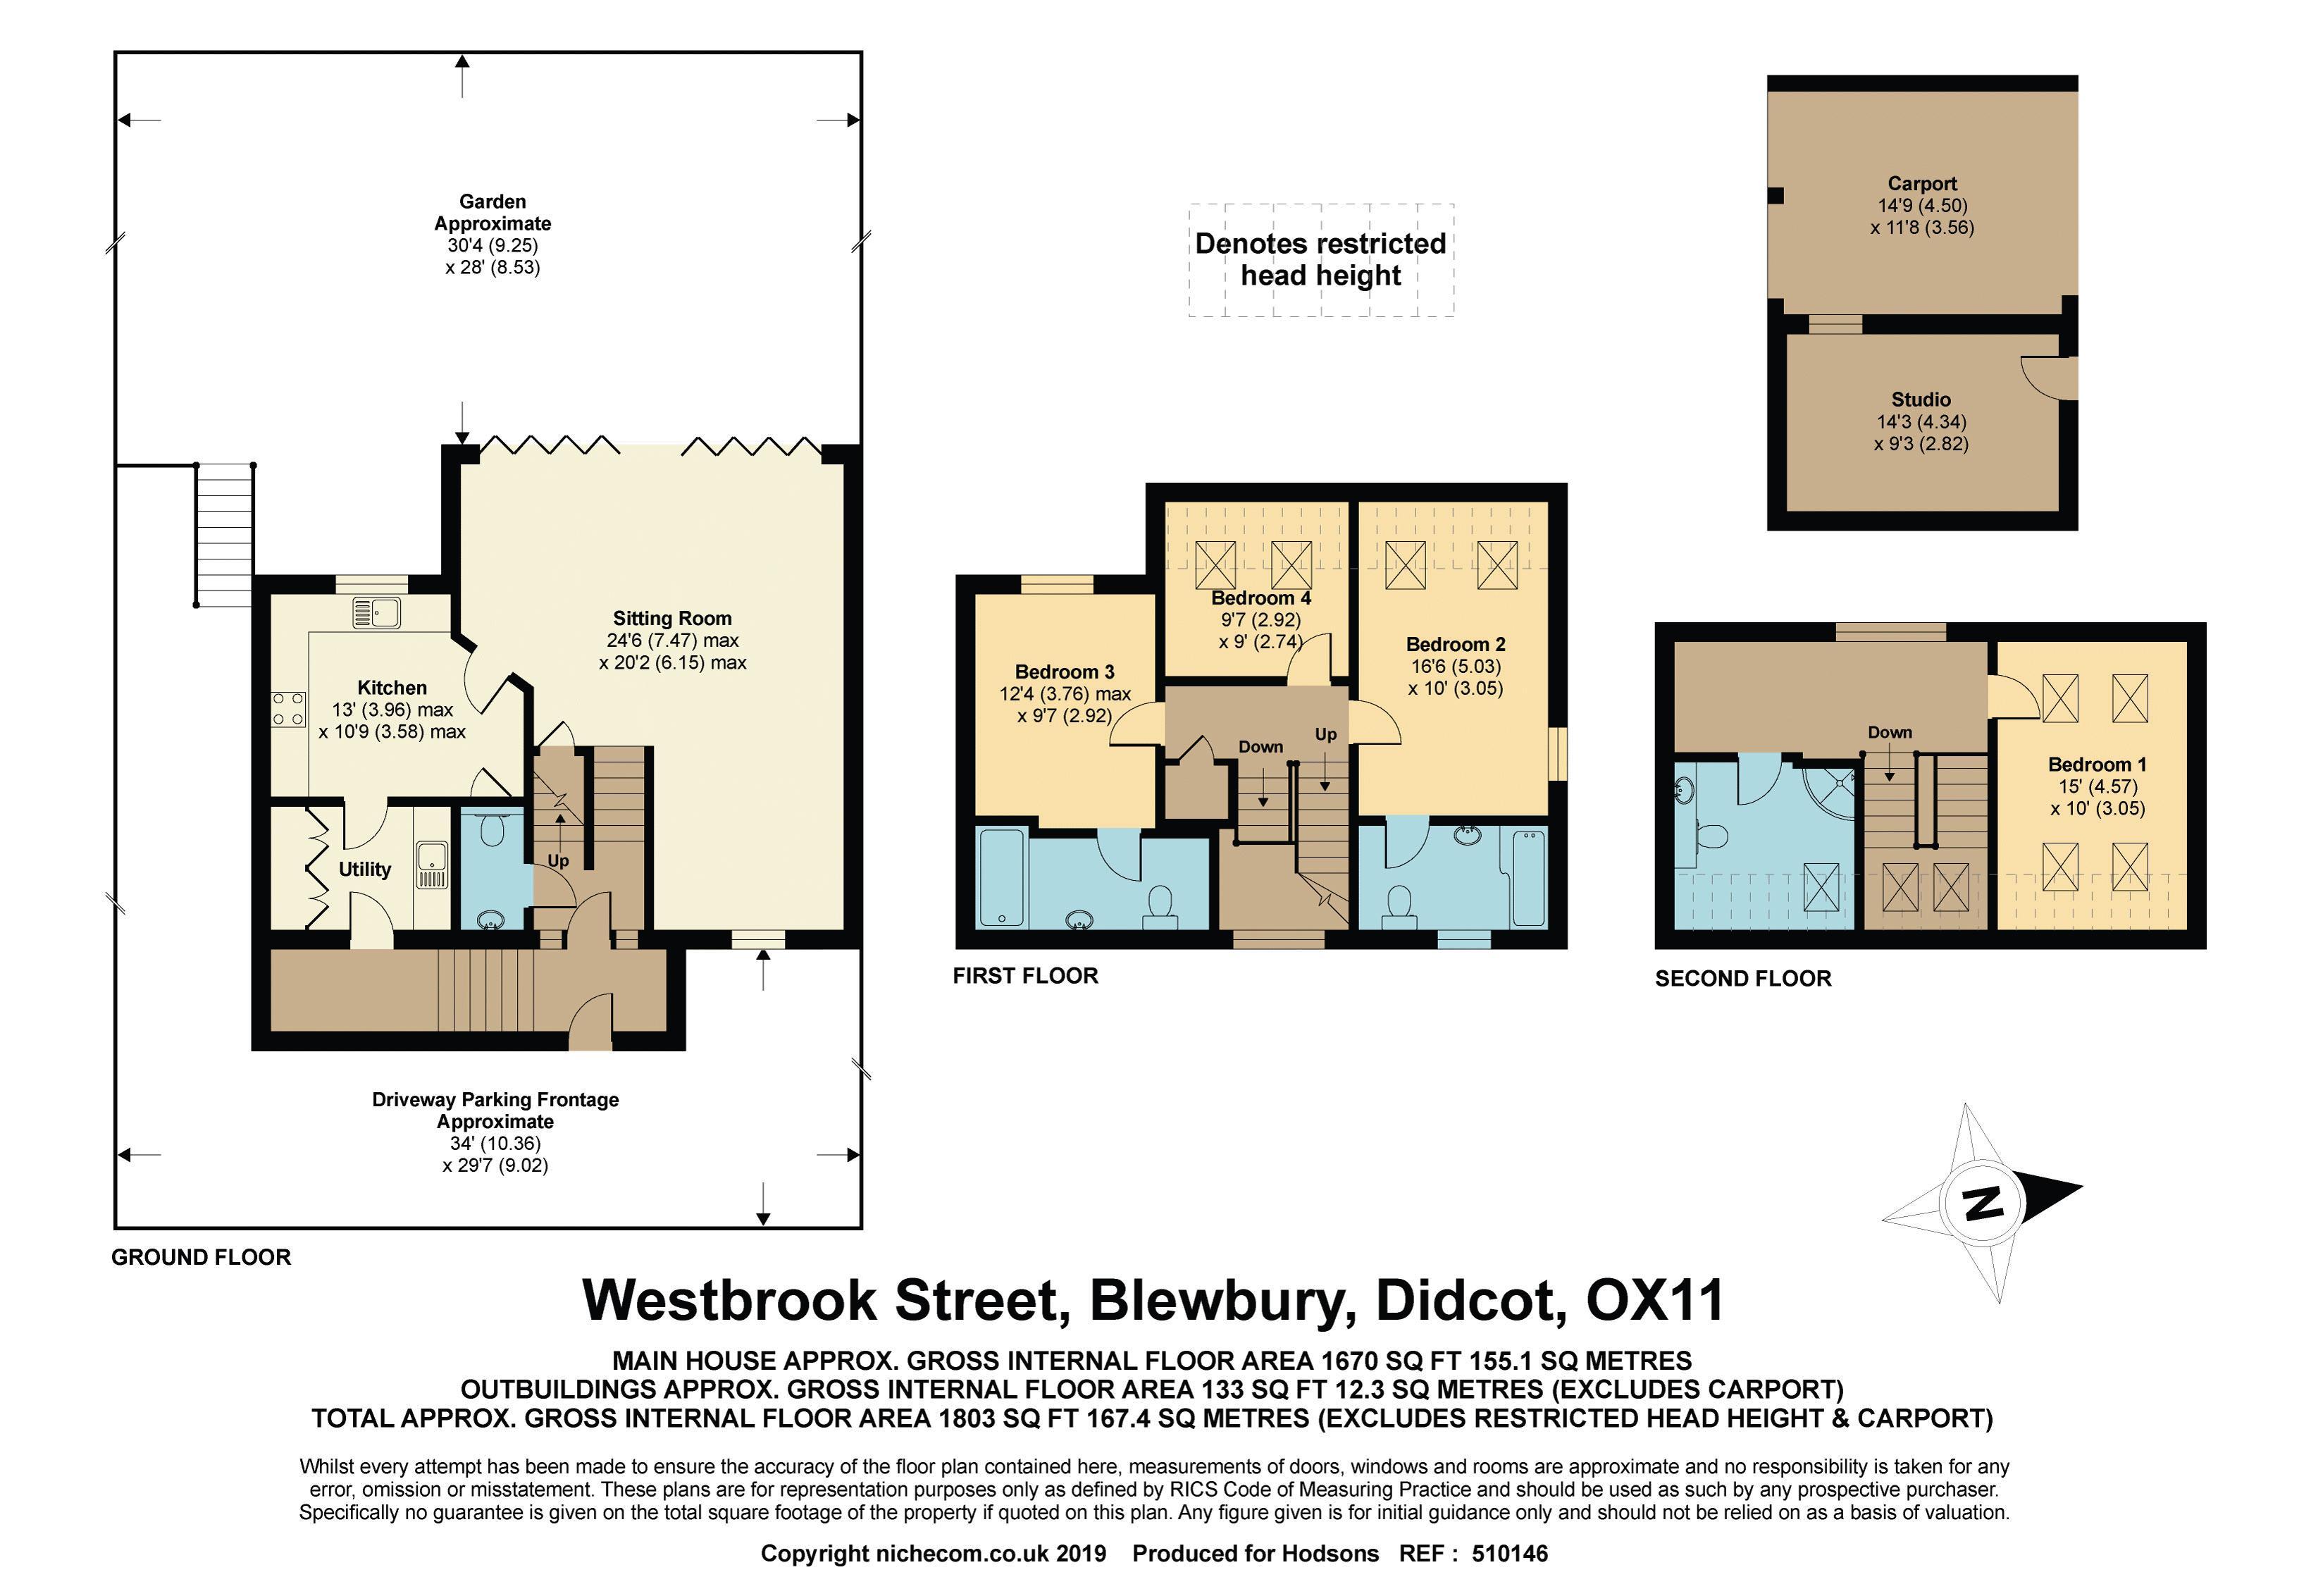 Westbrook Street Blewbury